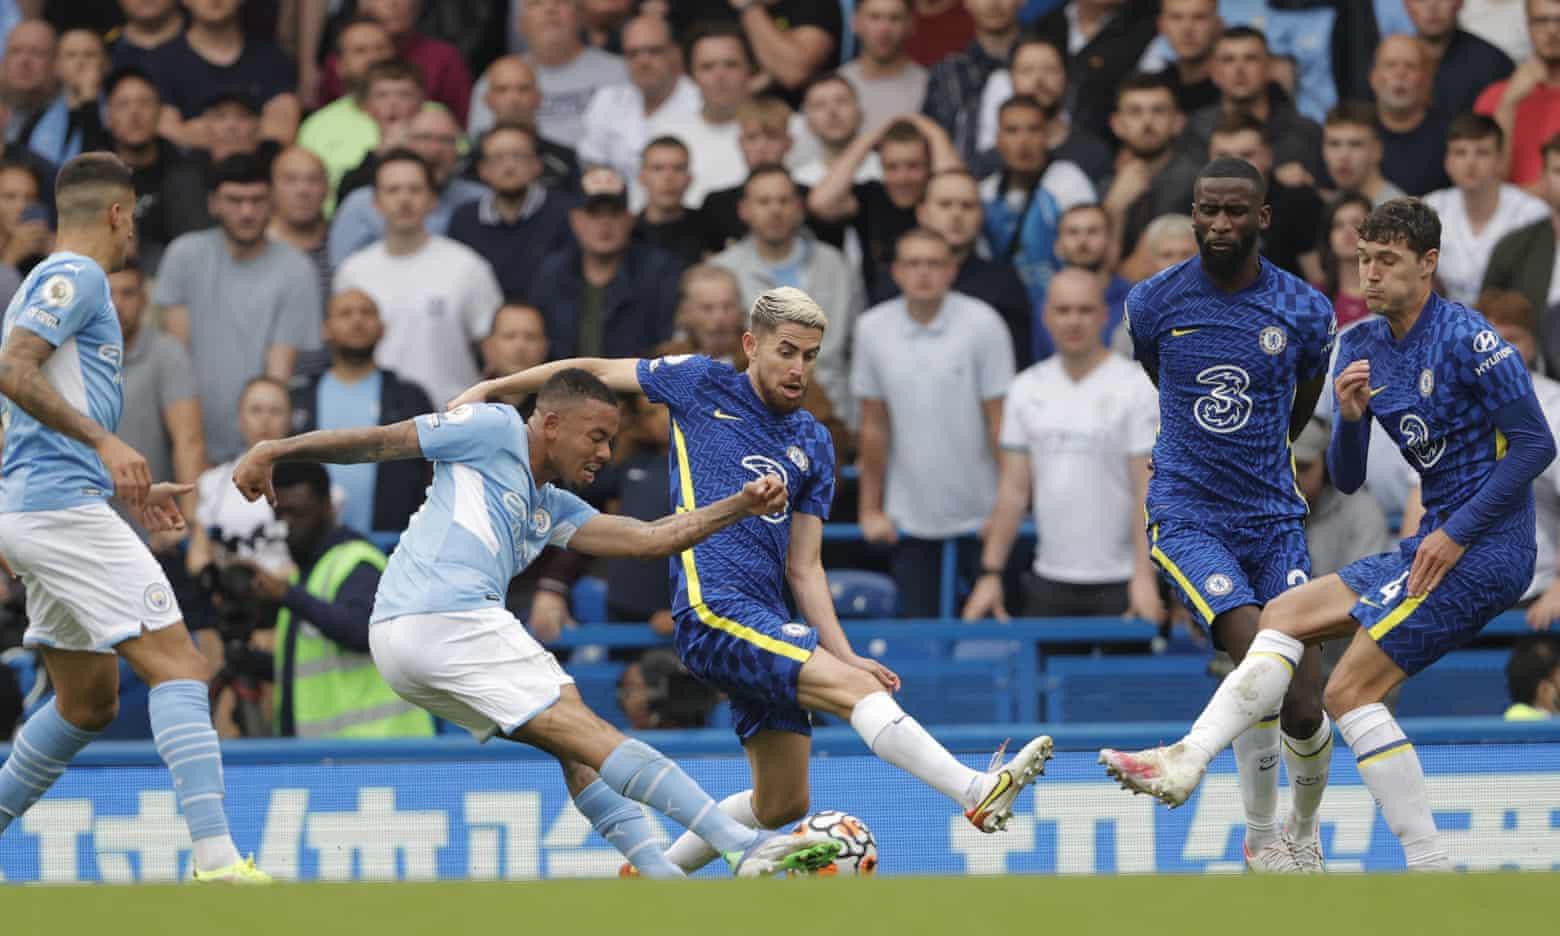 Jesus ghi bàn duy nhất giúp Man City hạ Chelsea 1-0 tại Stamford Bridge hôm 25/9. Ảnh: Guardian